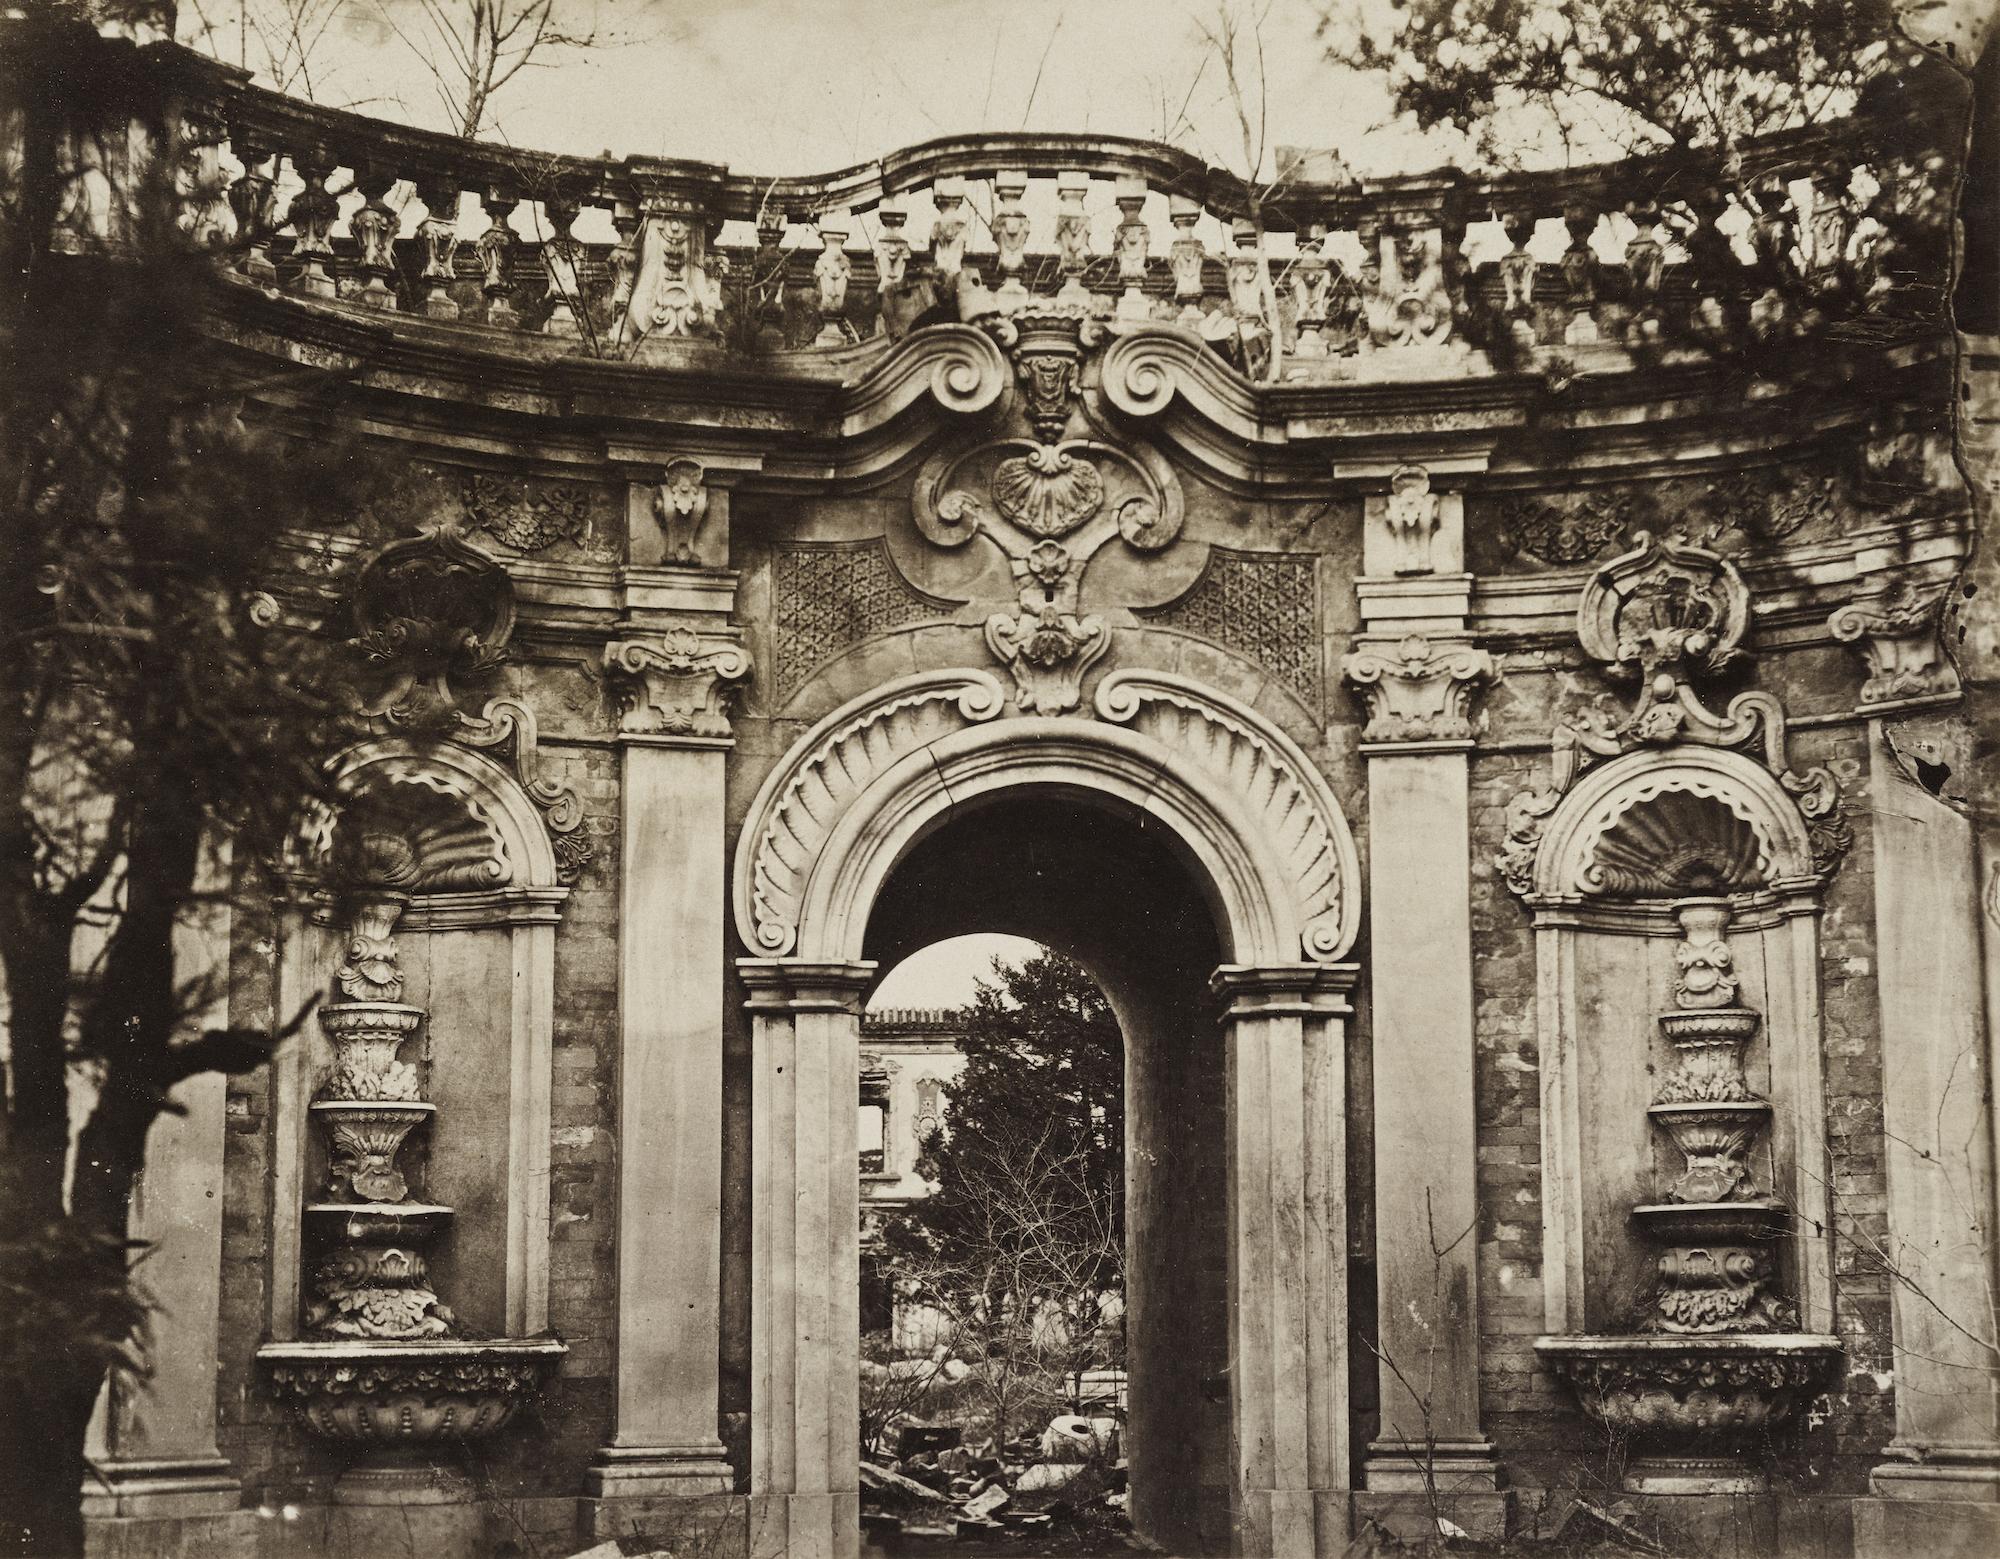 トマス・チャイルドによる円明園の写真=1870年代/The Loewentheil Collection of China Photography